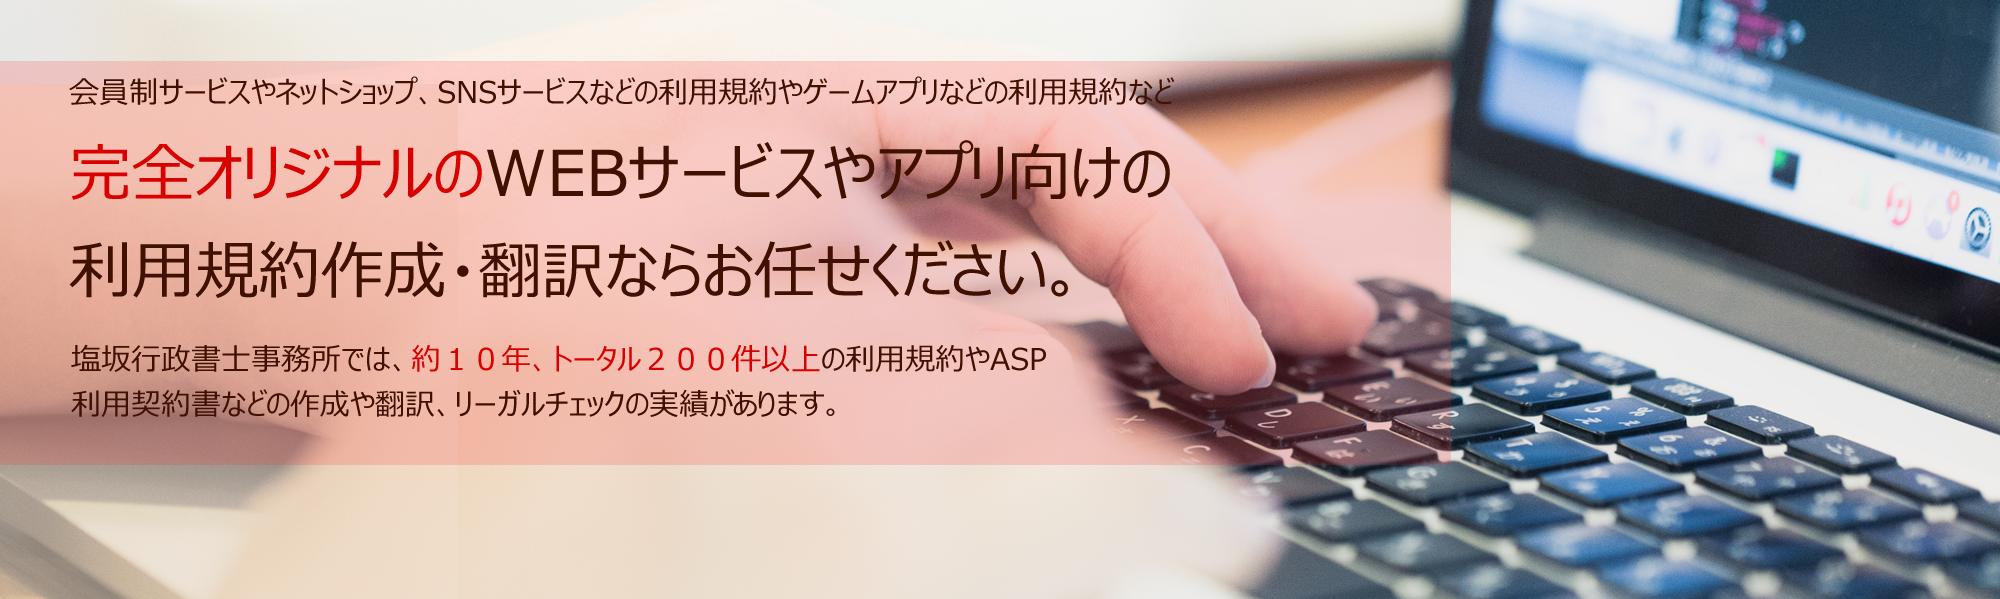 完全オリジナルの利用規約の作成・翻訳